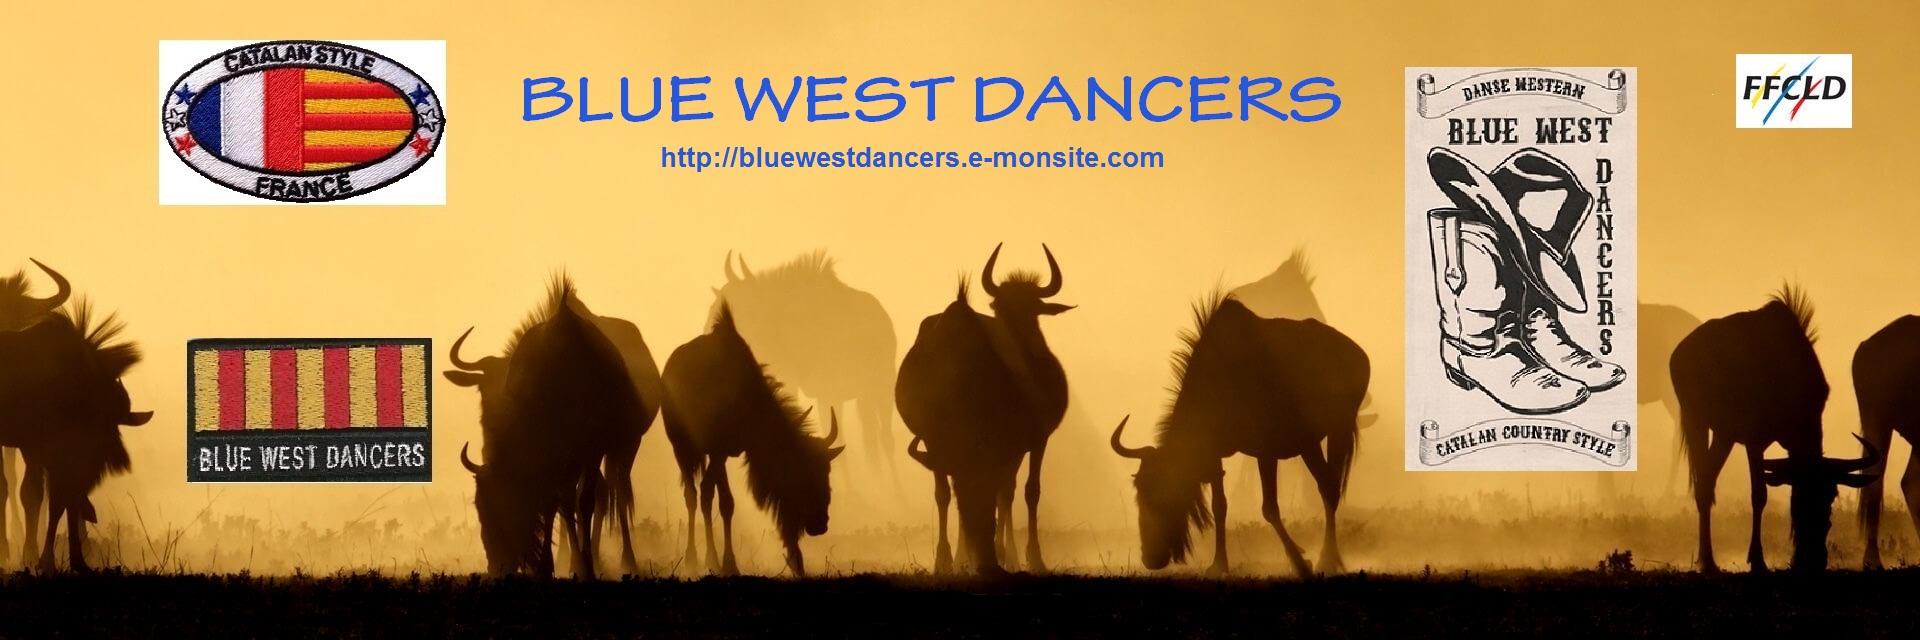 BLUE WEST DANCERS